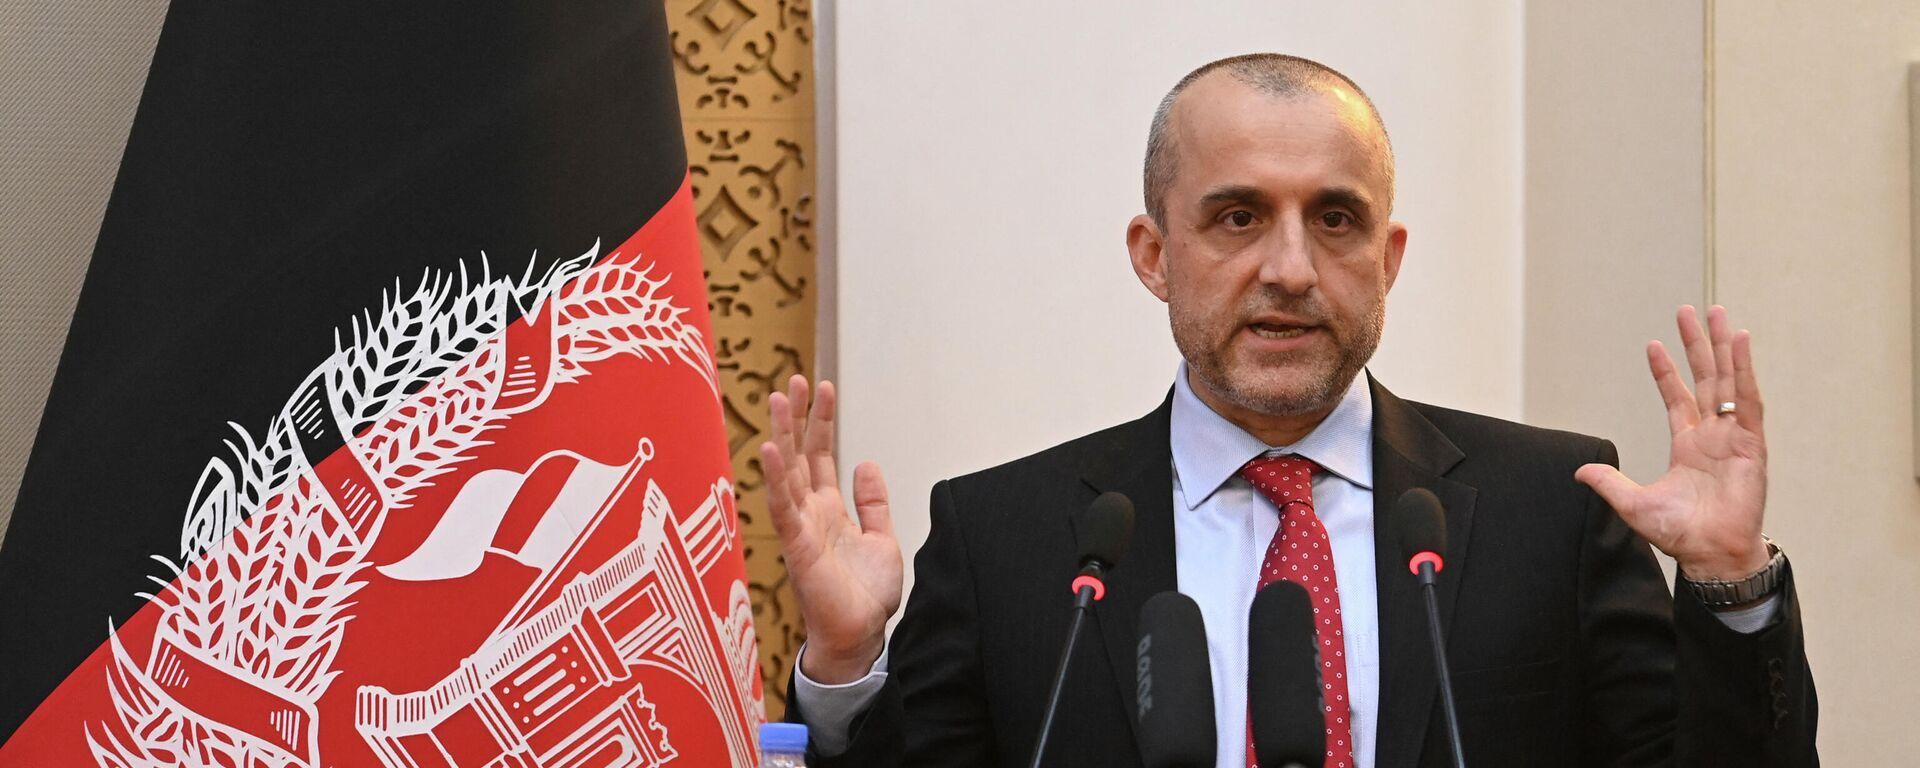 El vicepresidente afgano, Amrullah Saleh - Sputnik Mundo, 1920, 17.08.2021